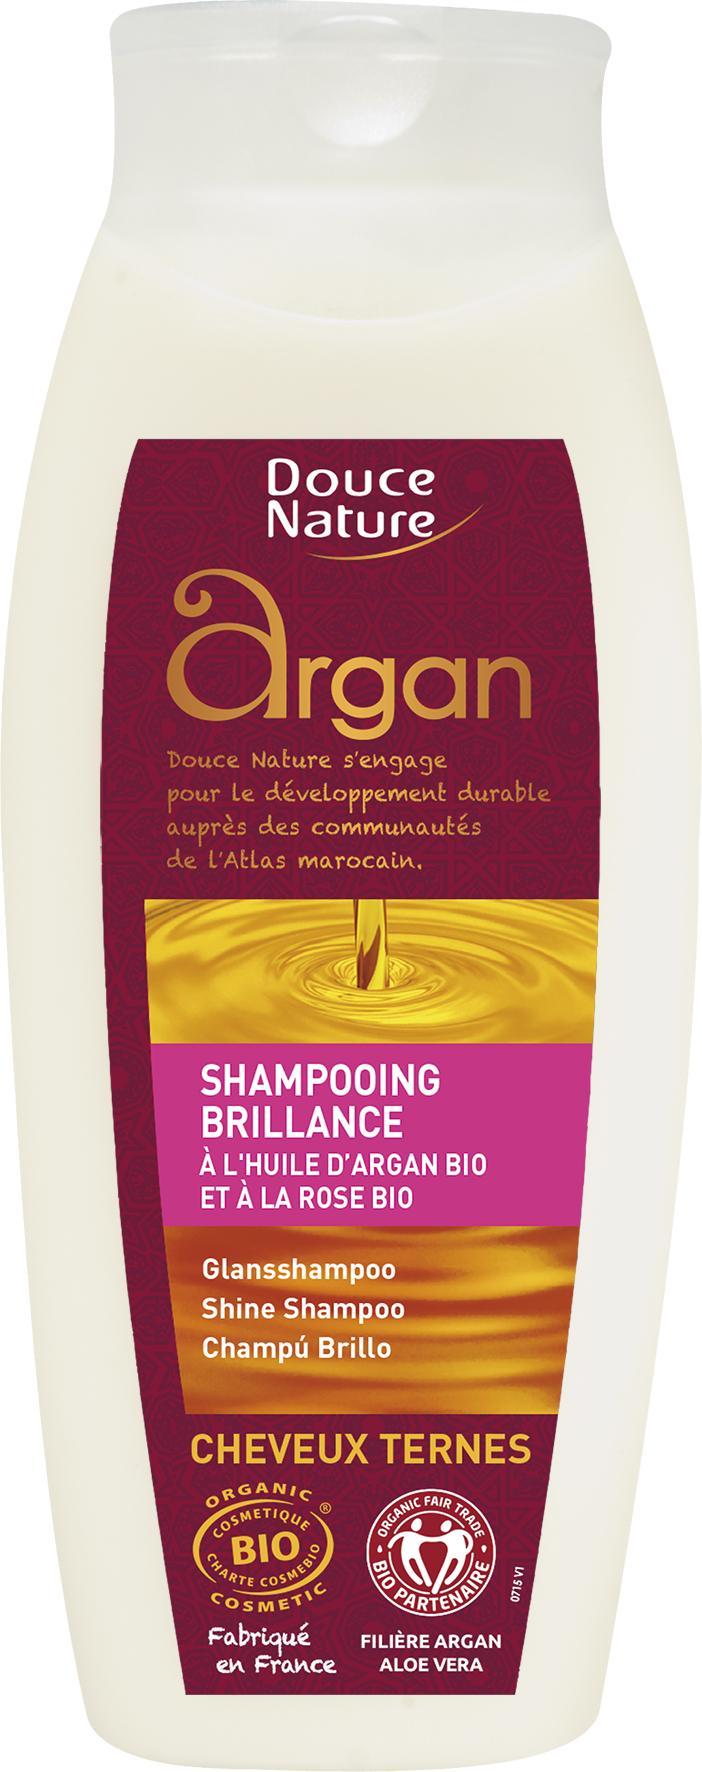 Shampooing brillance aux huiles d'argan et de rose du Maroc BIO, Douce Nature (250 ml)